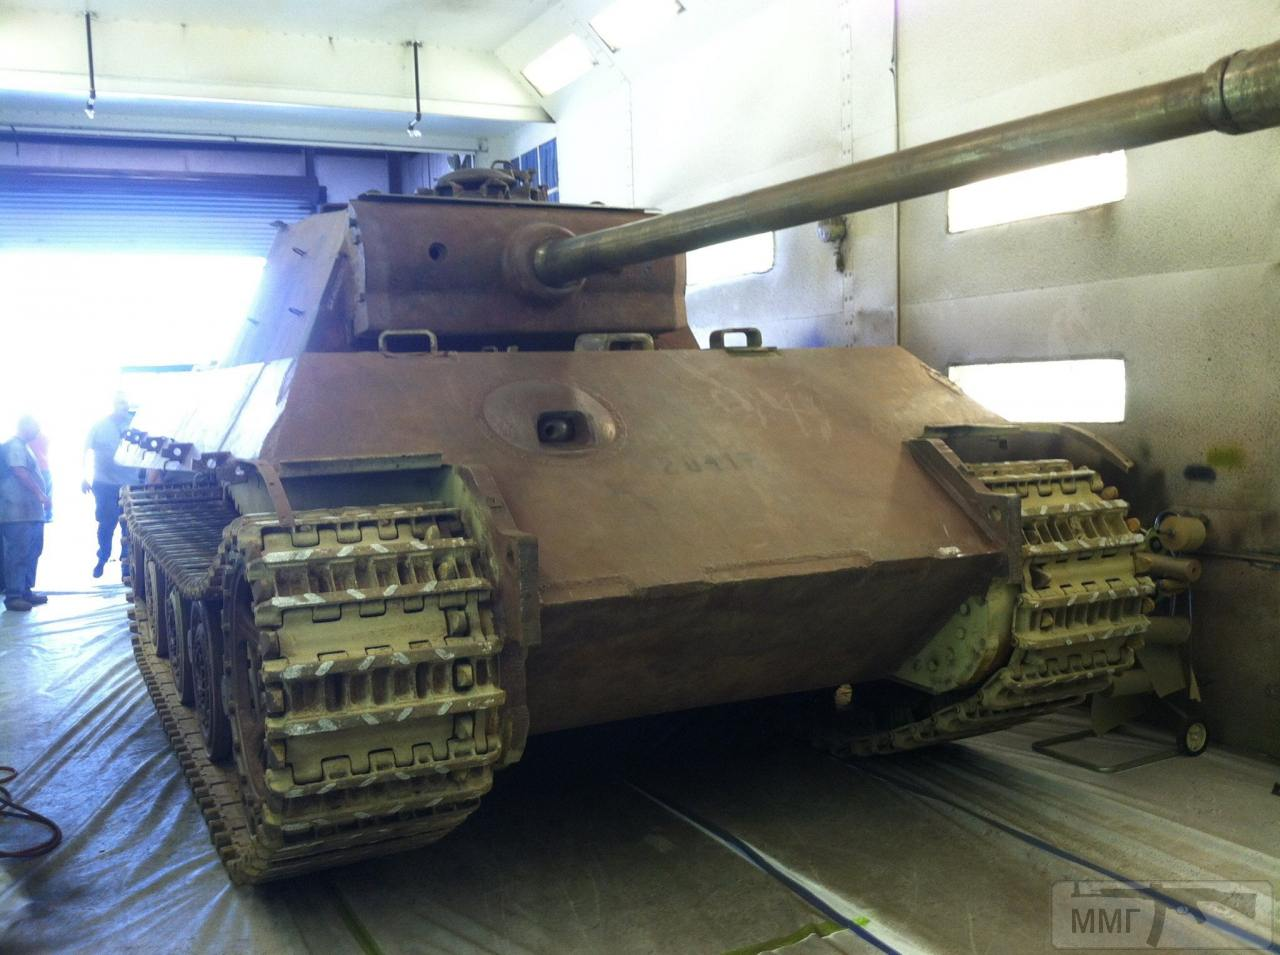 67524 - Achtung Panzer!